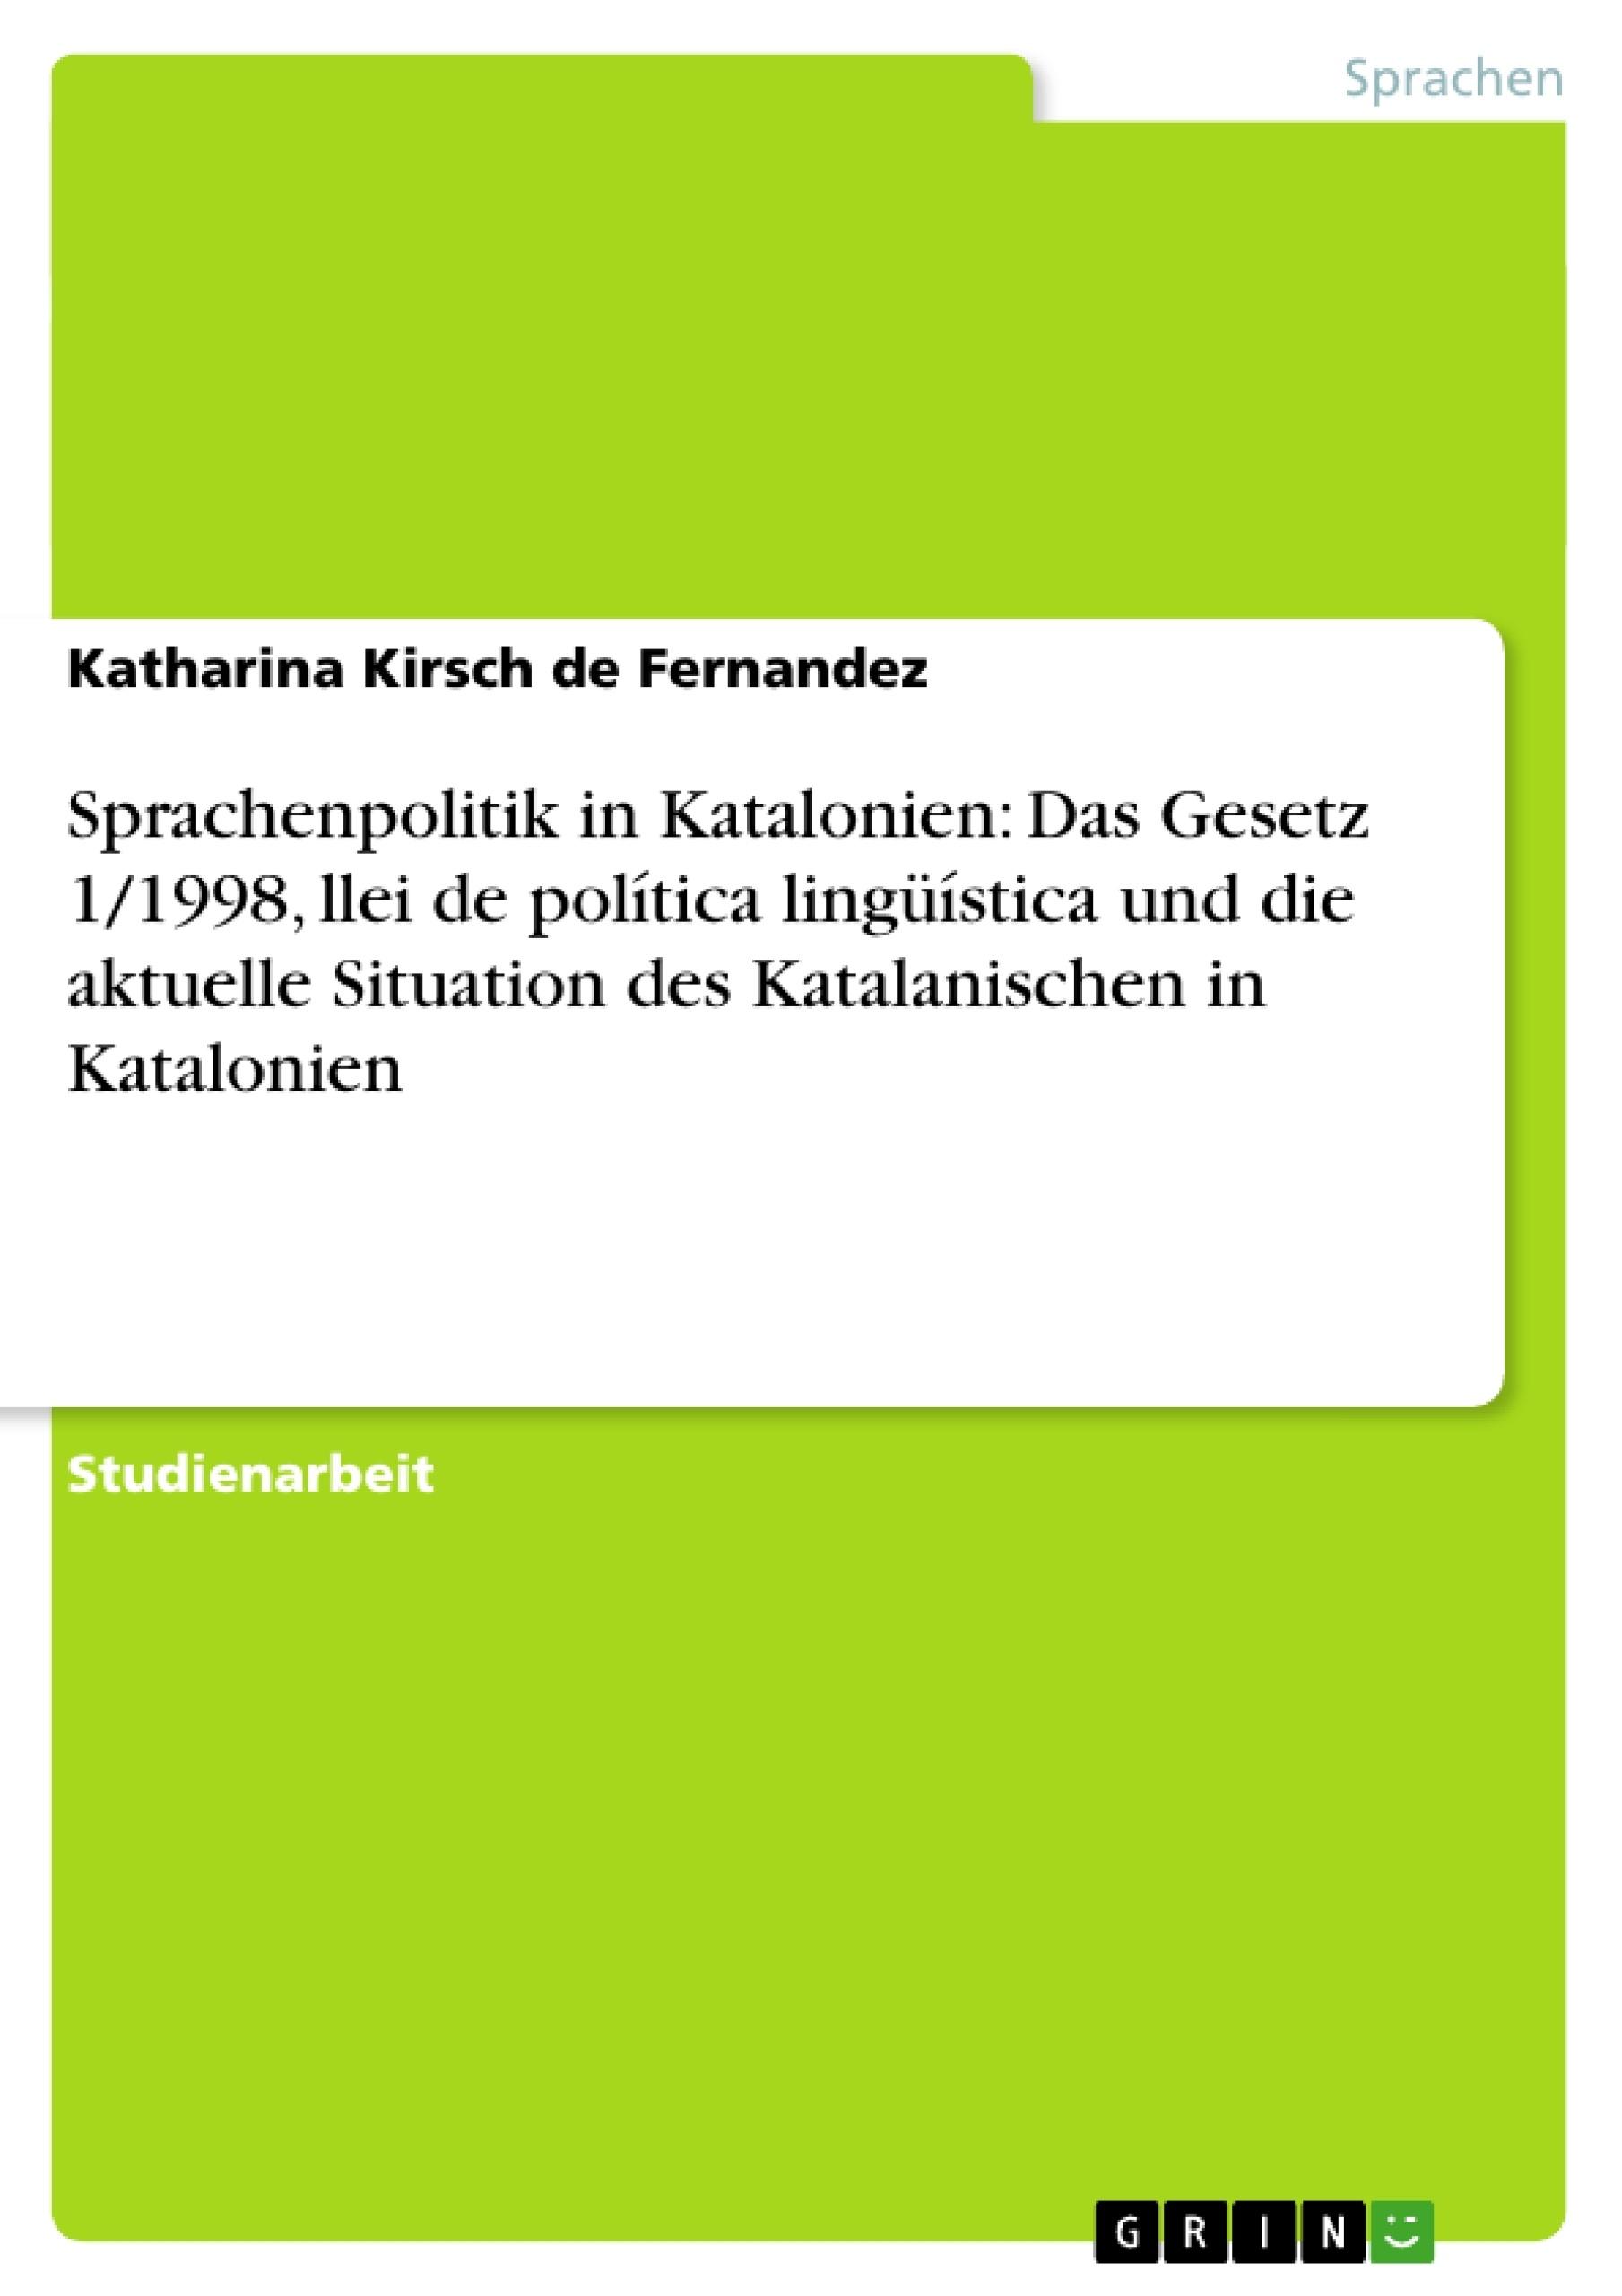 Titel: Sprachenpolitik in Katalonien: Das Gesetz 1/1998, llei de política lingüística und die aktuelle Situation des Katalanischen in Katalonien